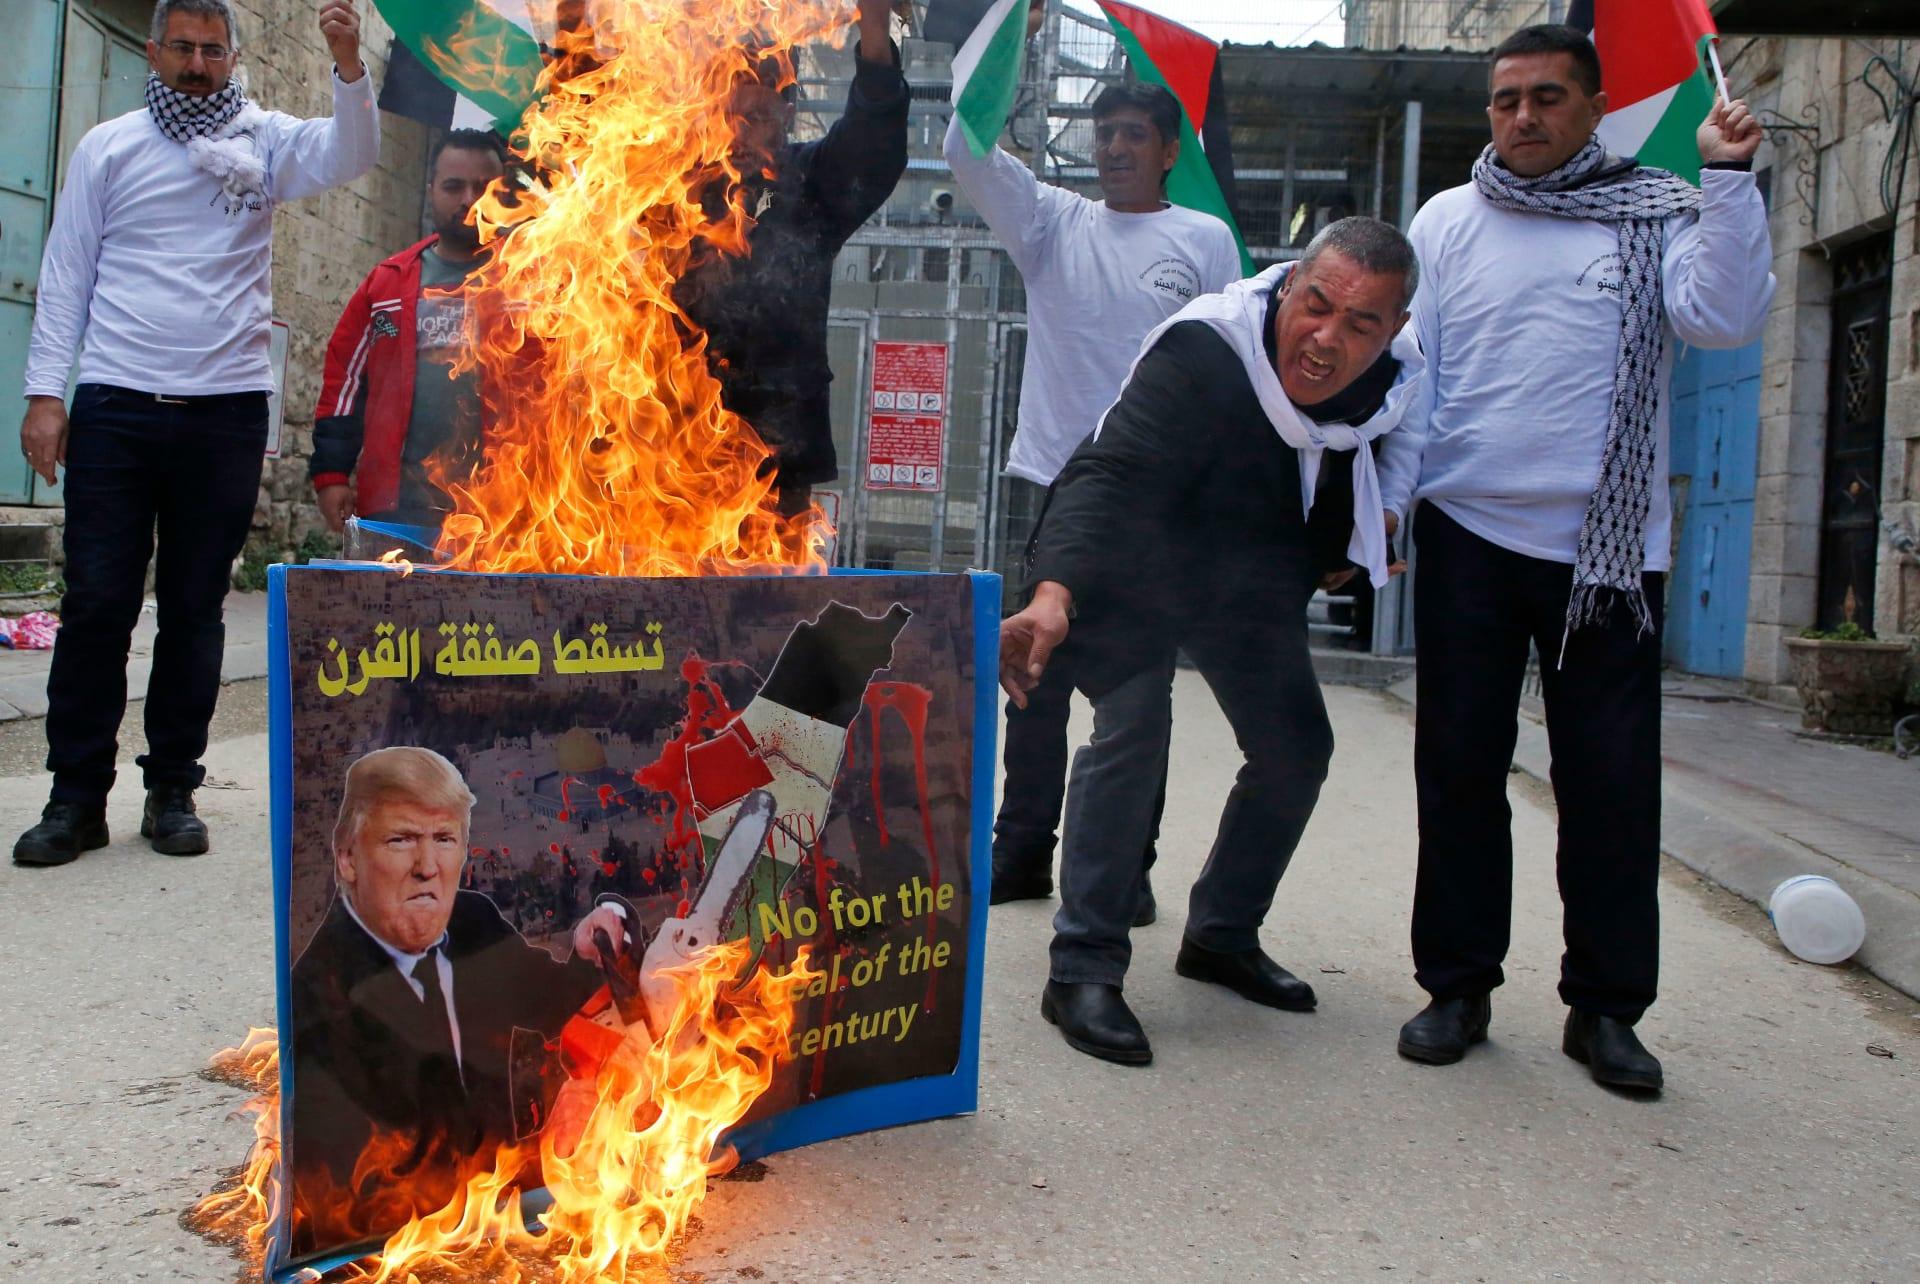 أبومازن يرفض مؤتمر البحرين: قضيتنا سياسية وصفقة العار ستذهب للجحيم